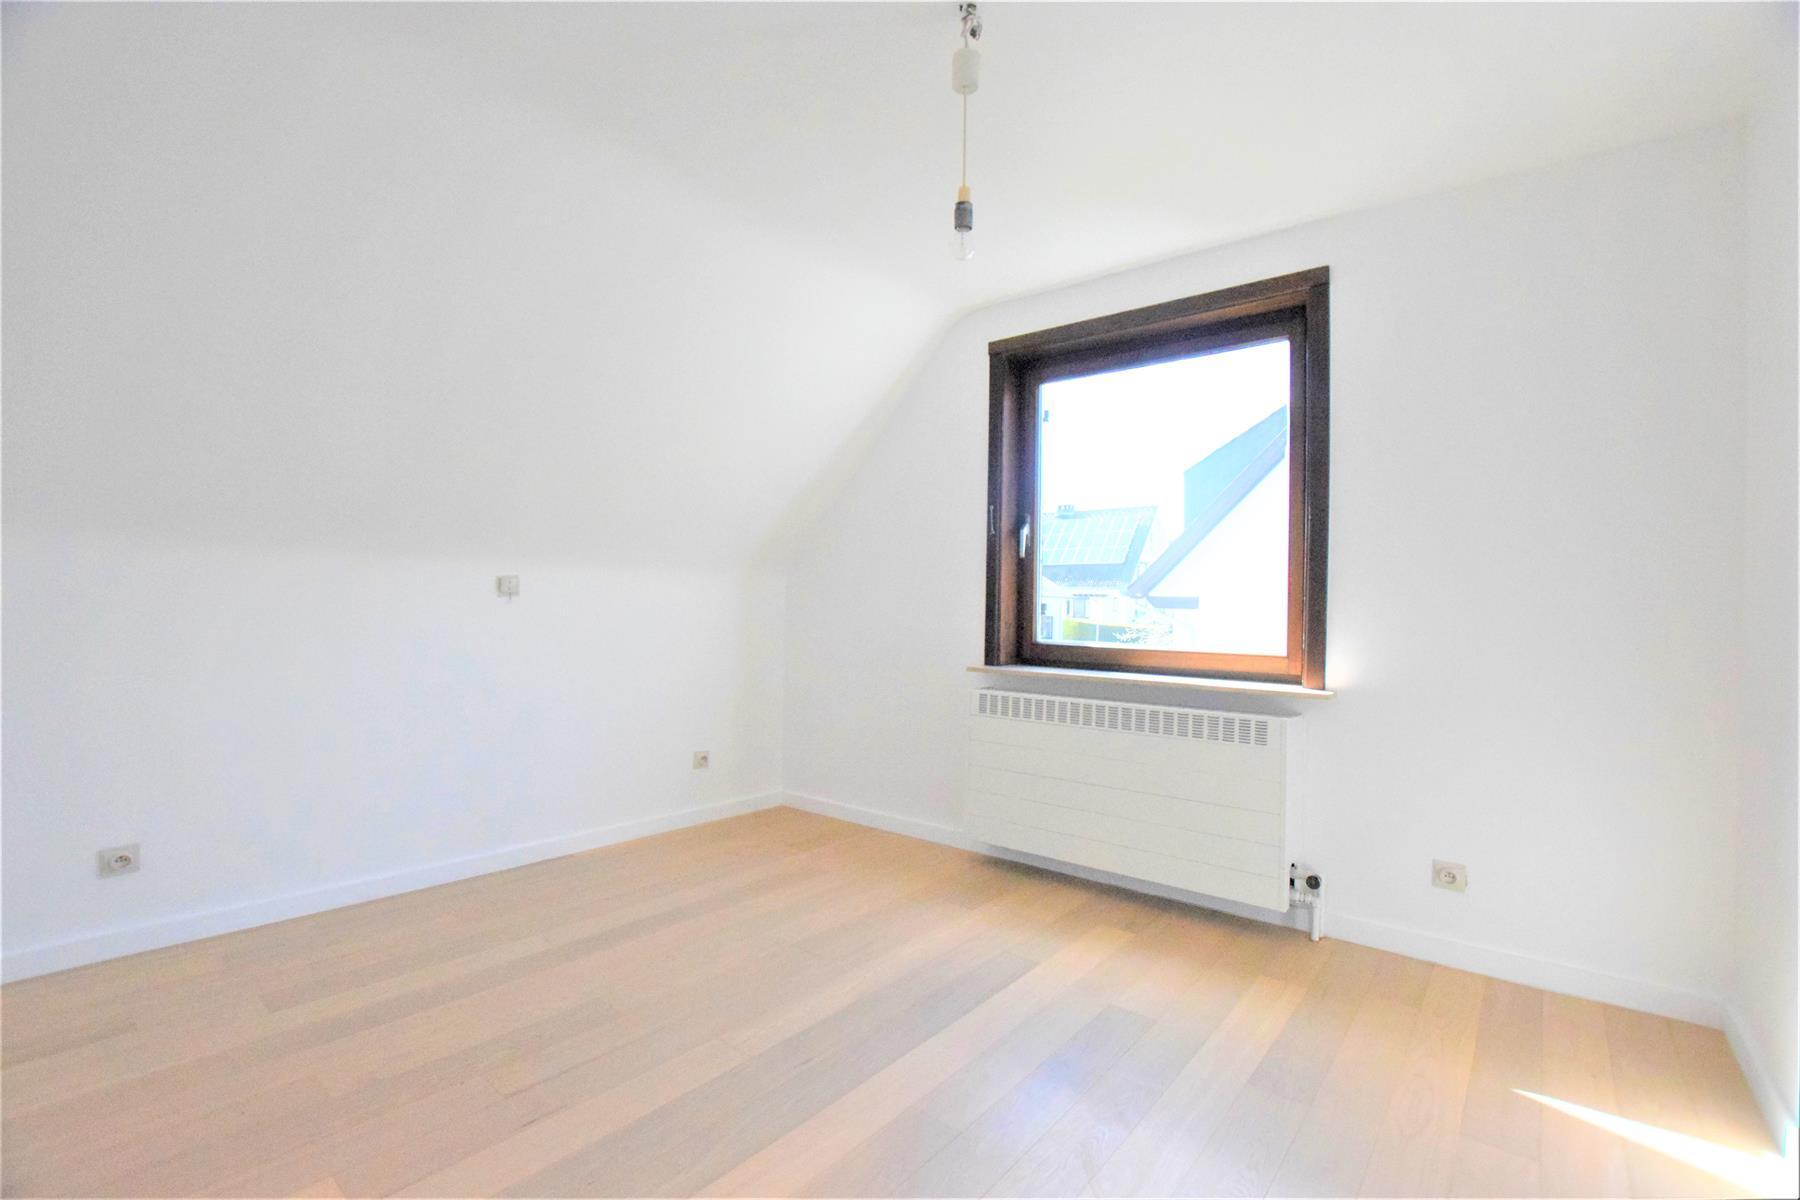 Villa - Tervuren - #4160009-14